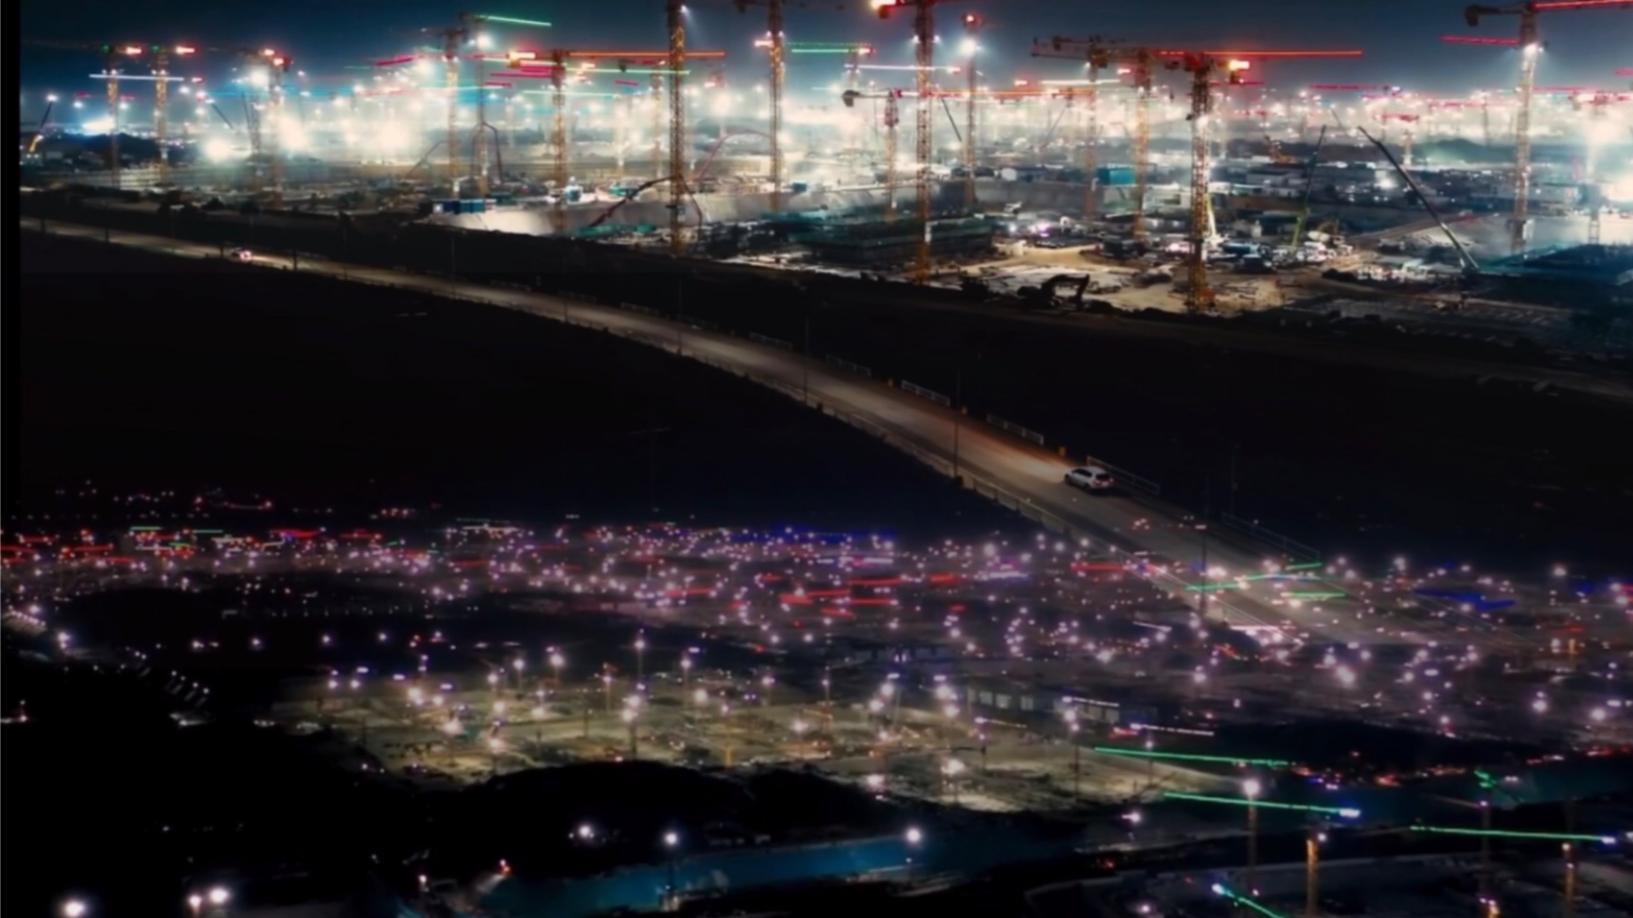 【再造一座北京城】雄安新区一望无际的吊田,似漫天流动的星河!